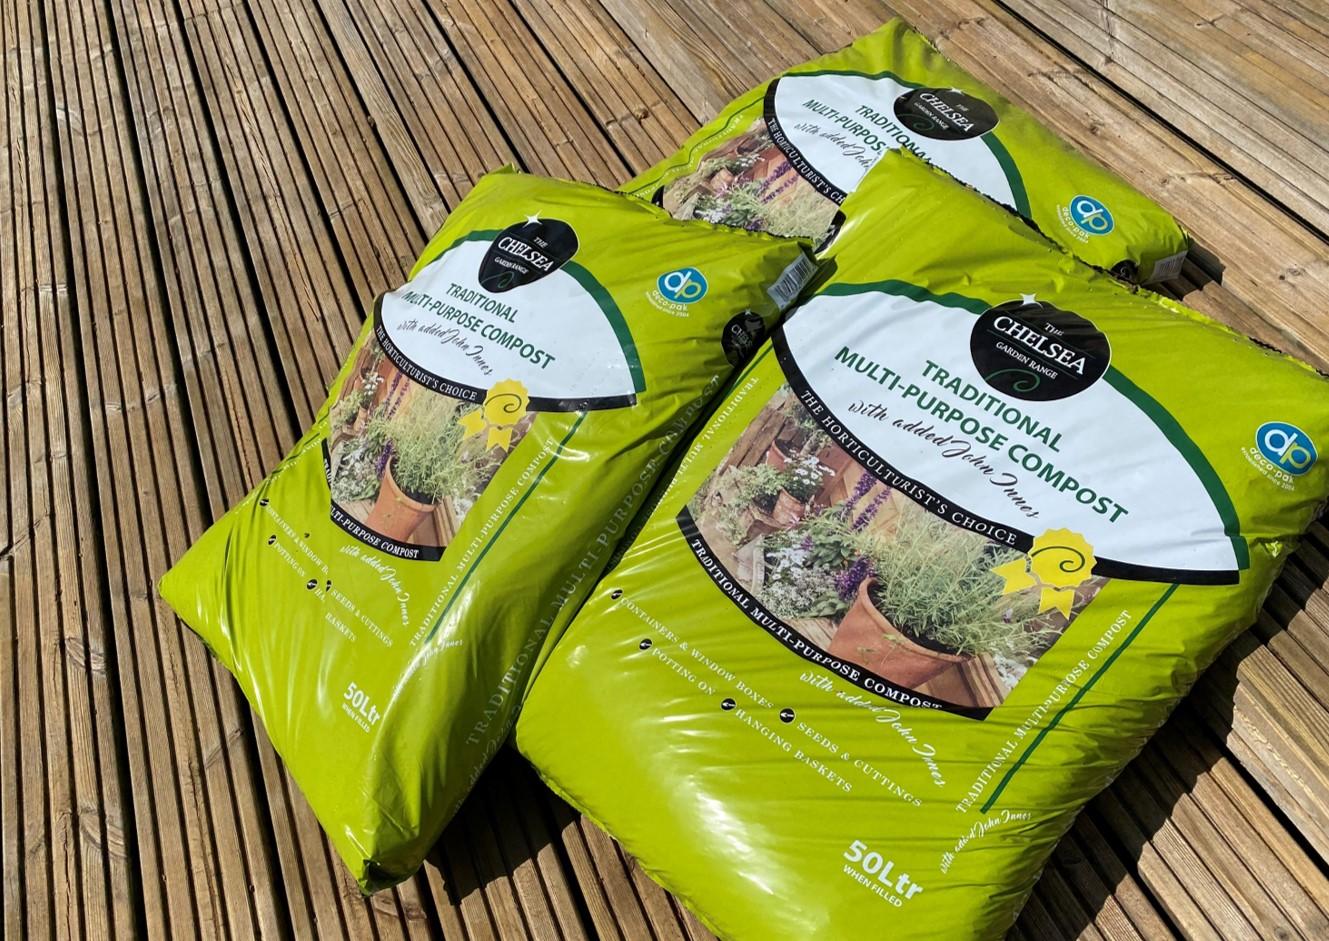 Soil, Bark & Compost